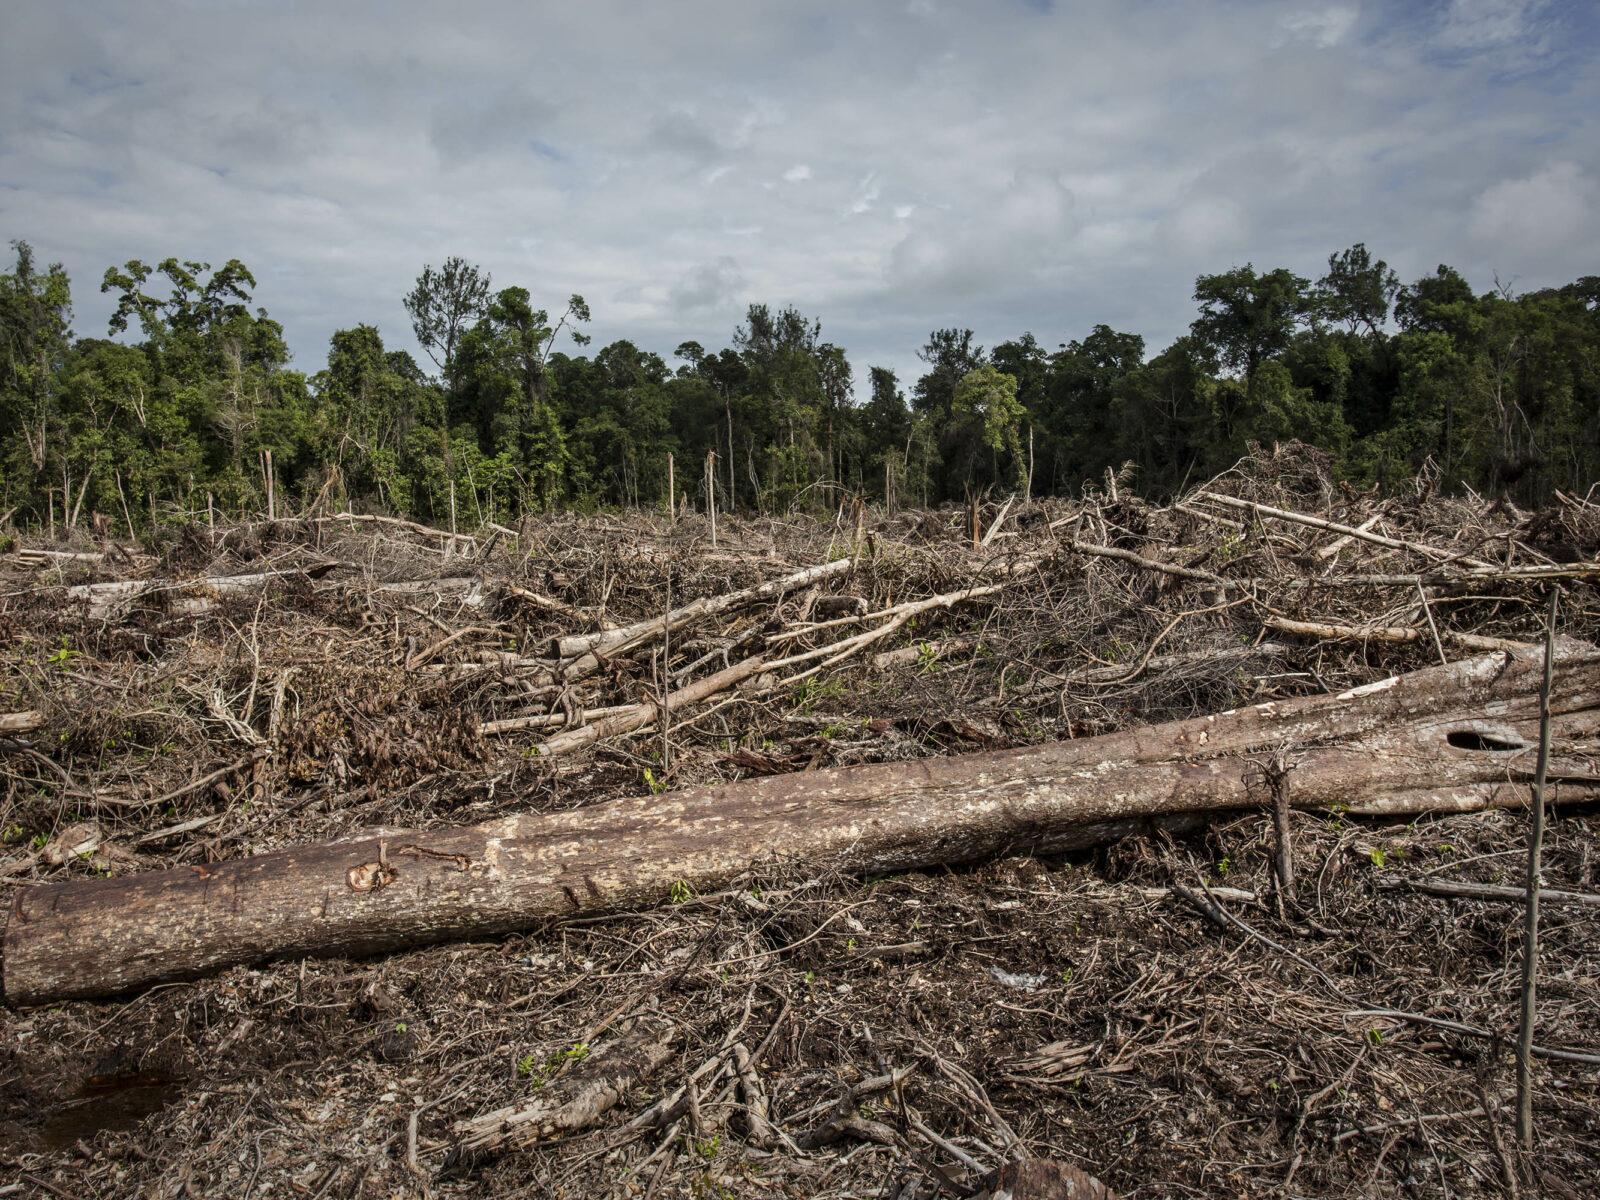 Palmolja, Plantage, Deforestation, Avskogning, Exploatering, Indonesien, Palm oil